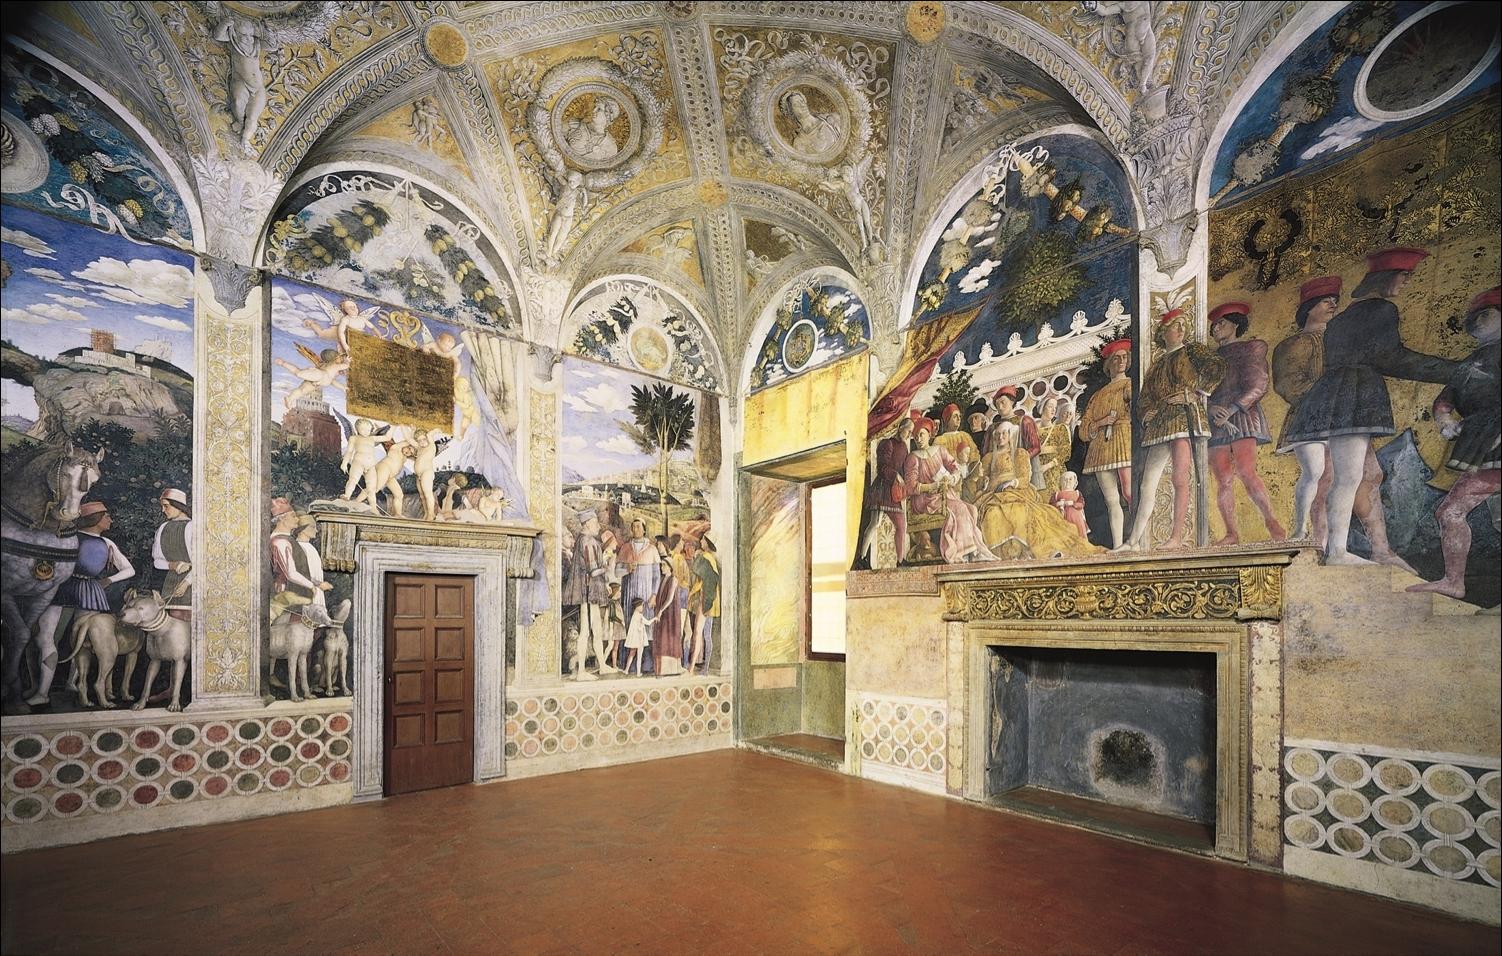 Andrea mantegna la camera degli sposi 1465 1474 art for Mantova palazzo ducale camera degli sposi